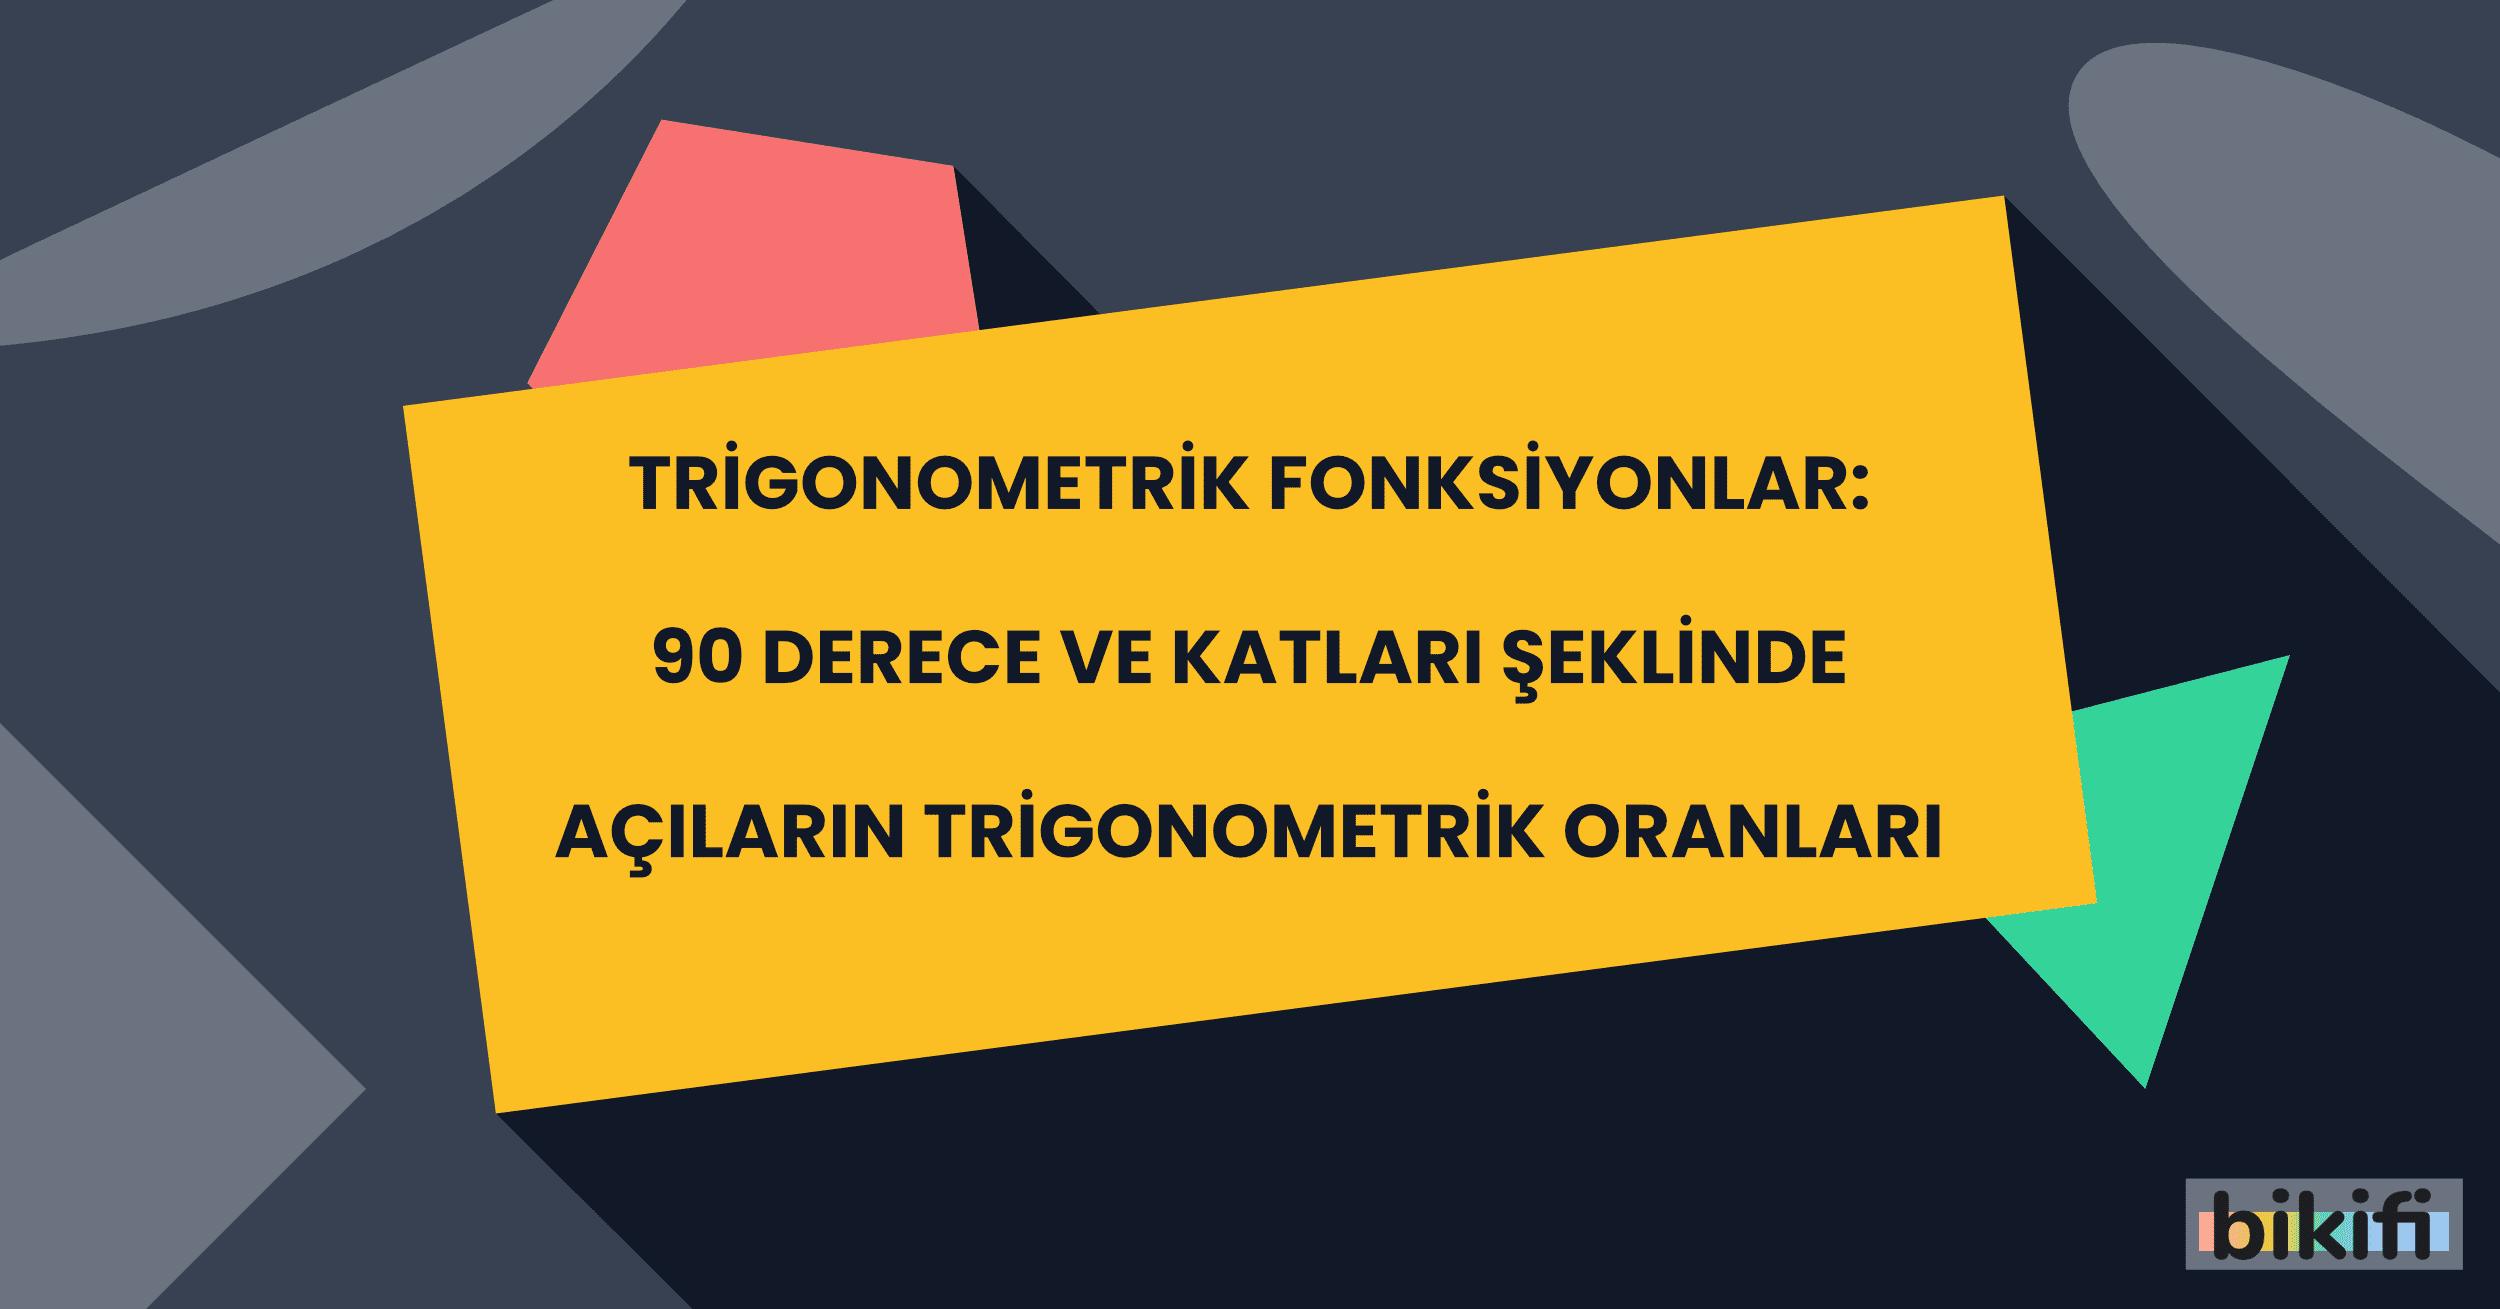 Trigonometrik Fonksiyonlar: 90 Derece ve Katları Şeklindeki Açıların Trigonometrik Oranları